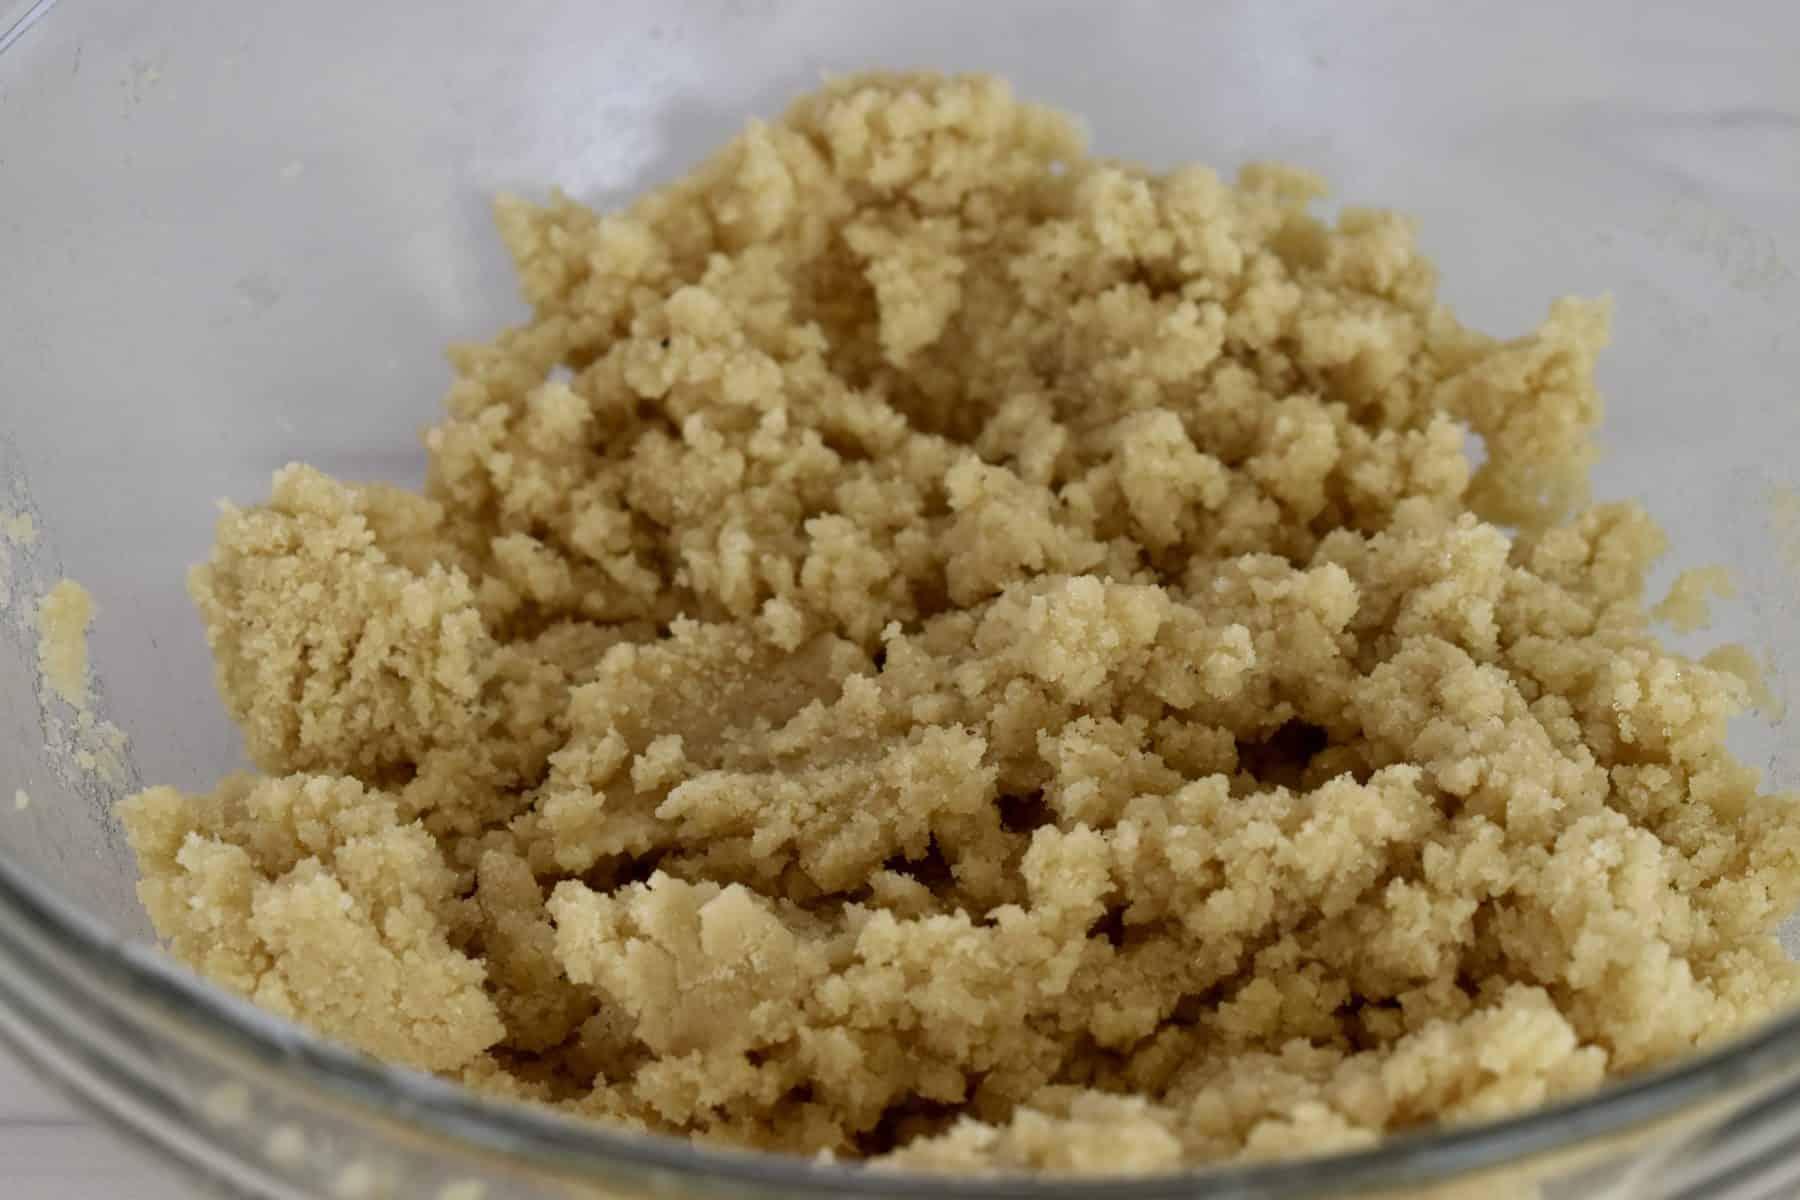 amaretti cookie recipe batter in a glass bowl.